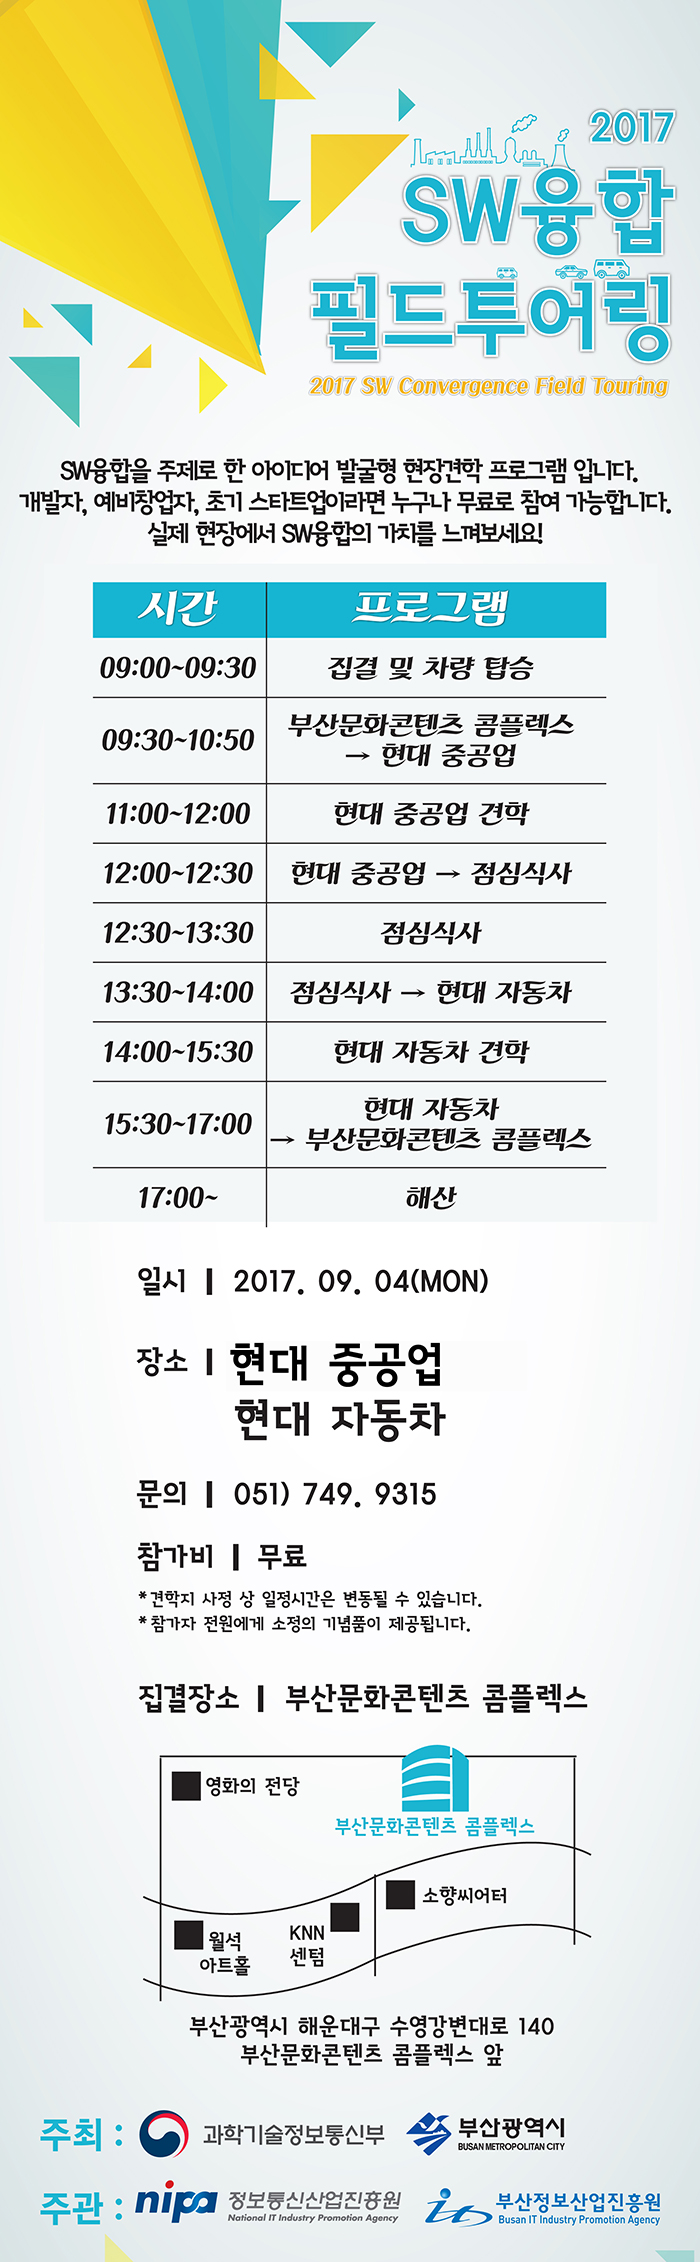 제9회 SW융합 필드투어링 참가자 모집